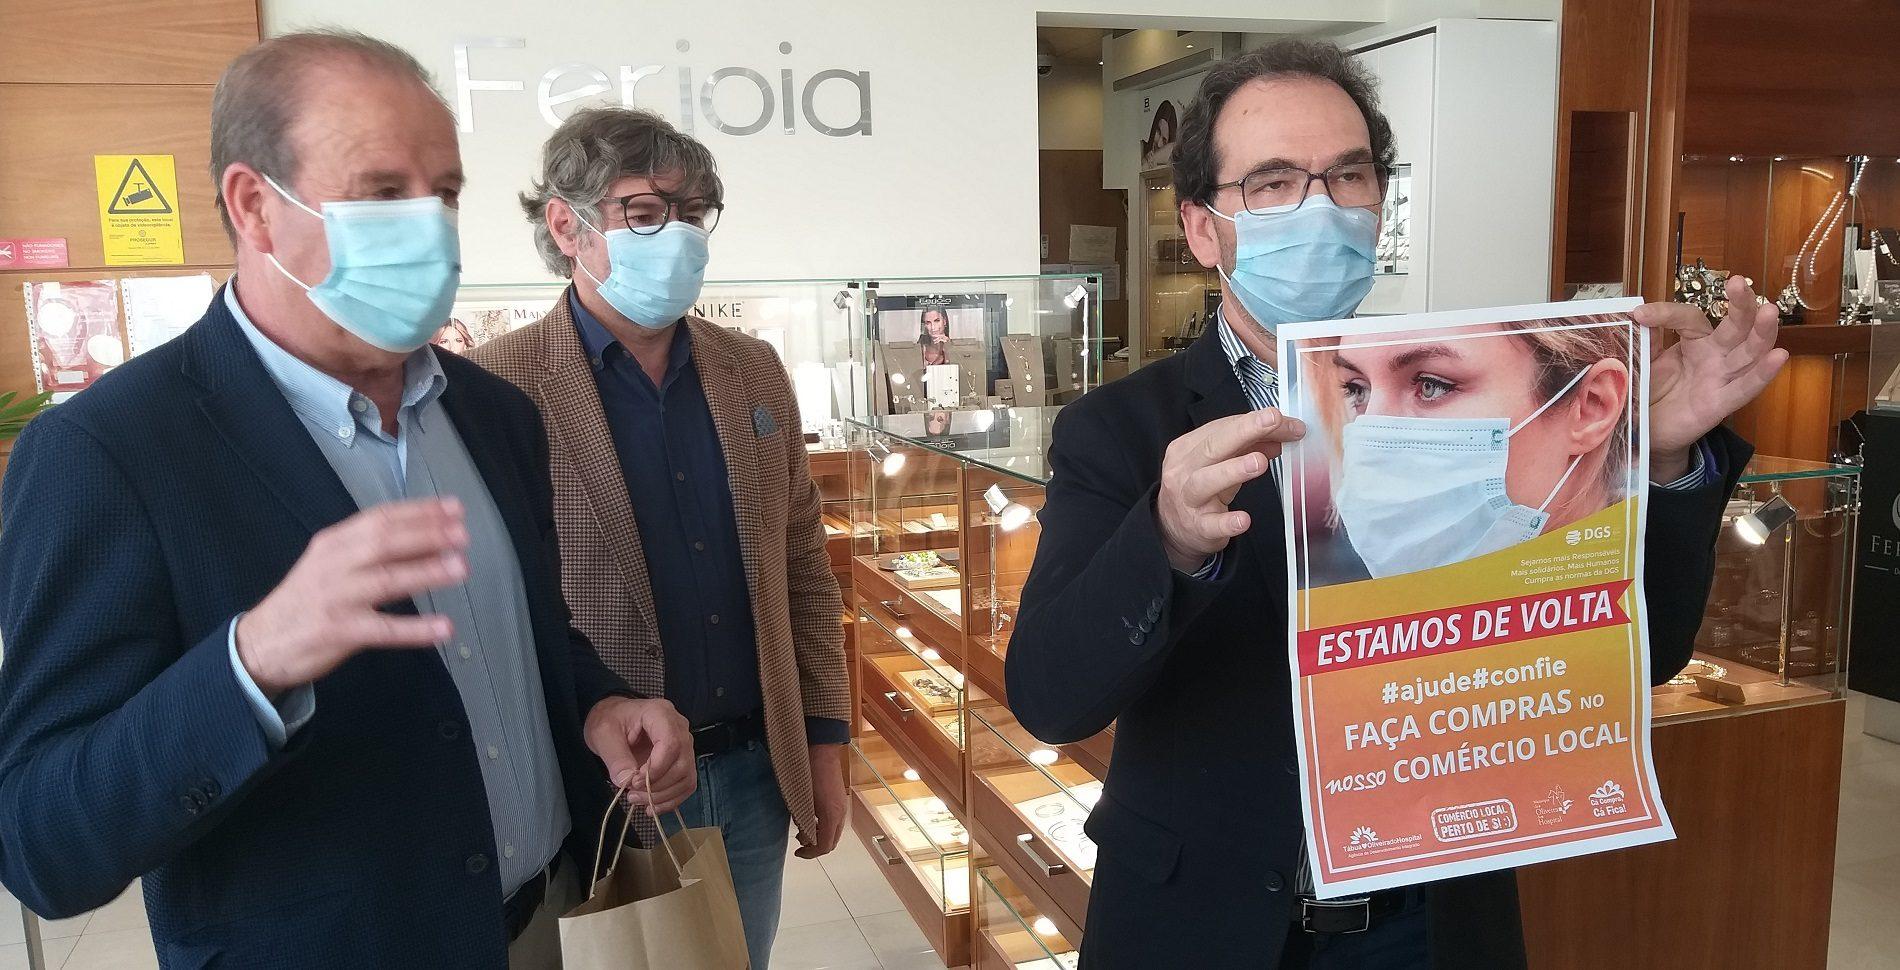 """ADI e Município promovem apoio ao comércio local """"em segurança"""". Vão ser distribuídas 50 mil máscaras pelas habitações"""